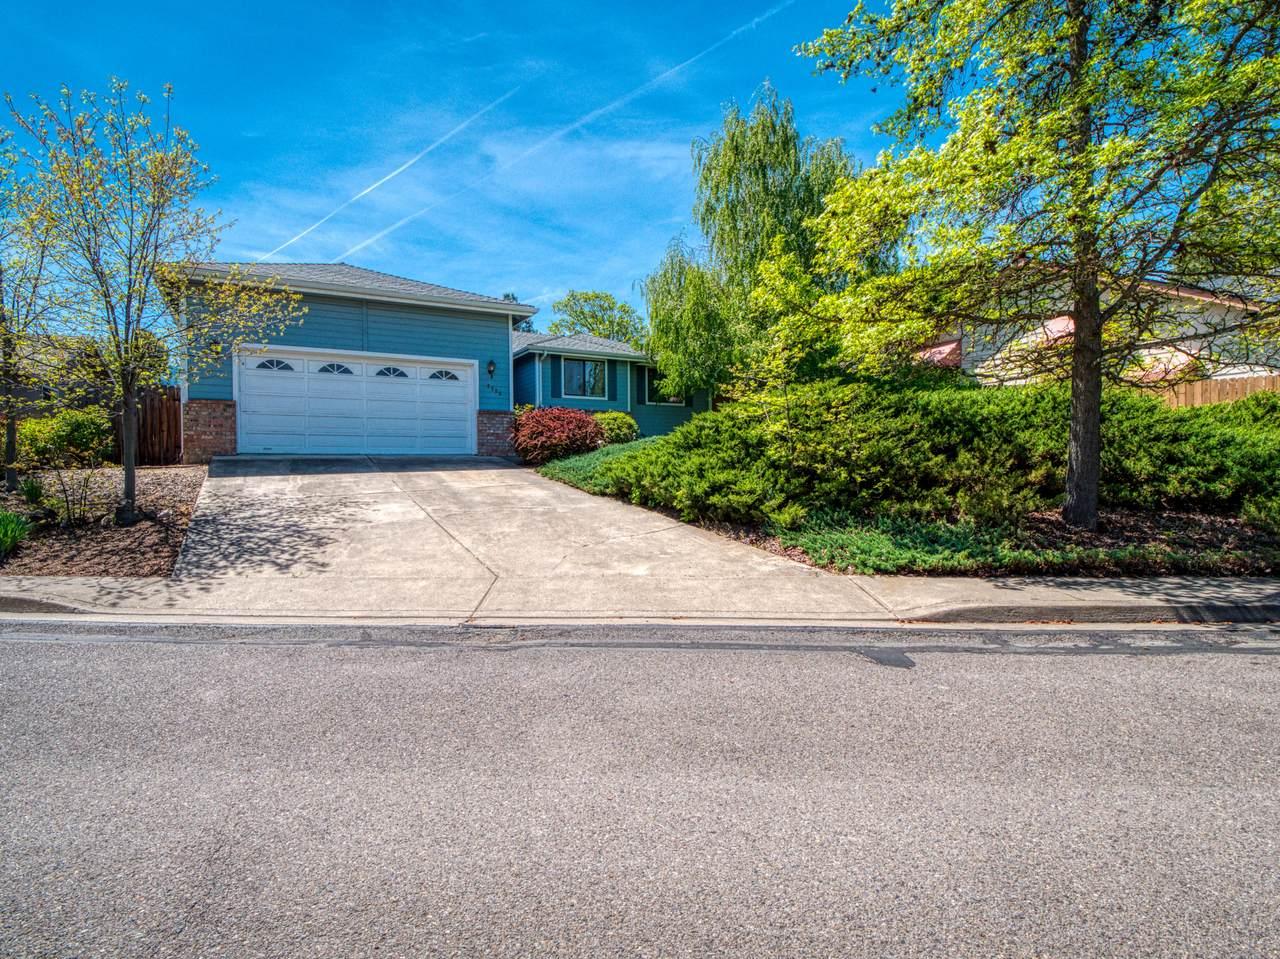 2890 Wedgewood Lane - Photo 1